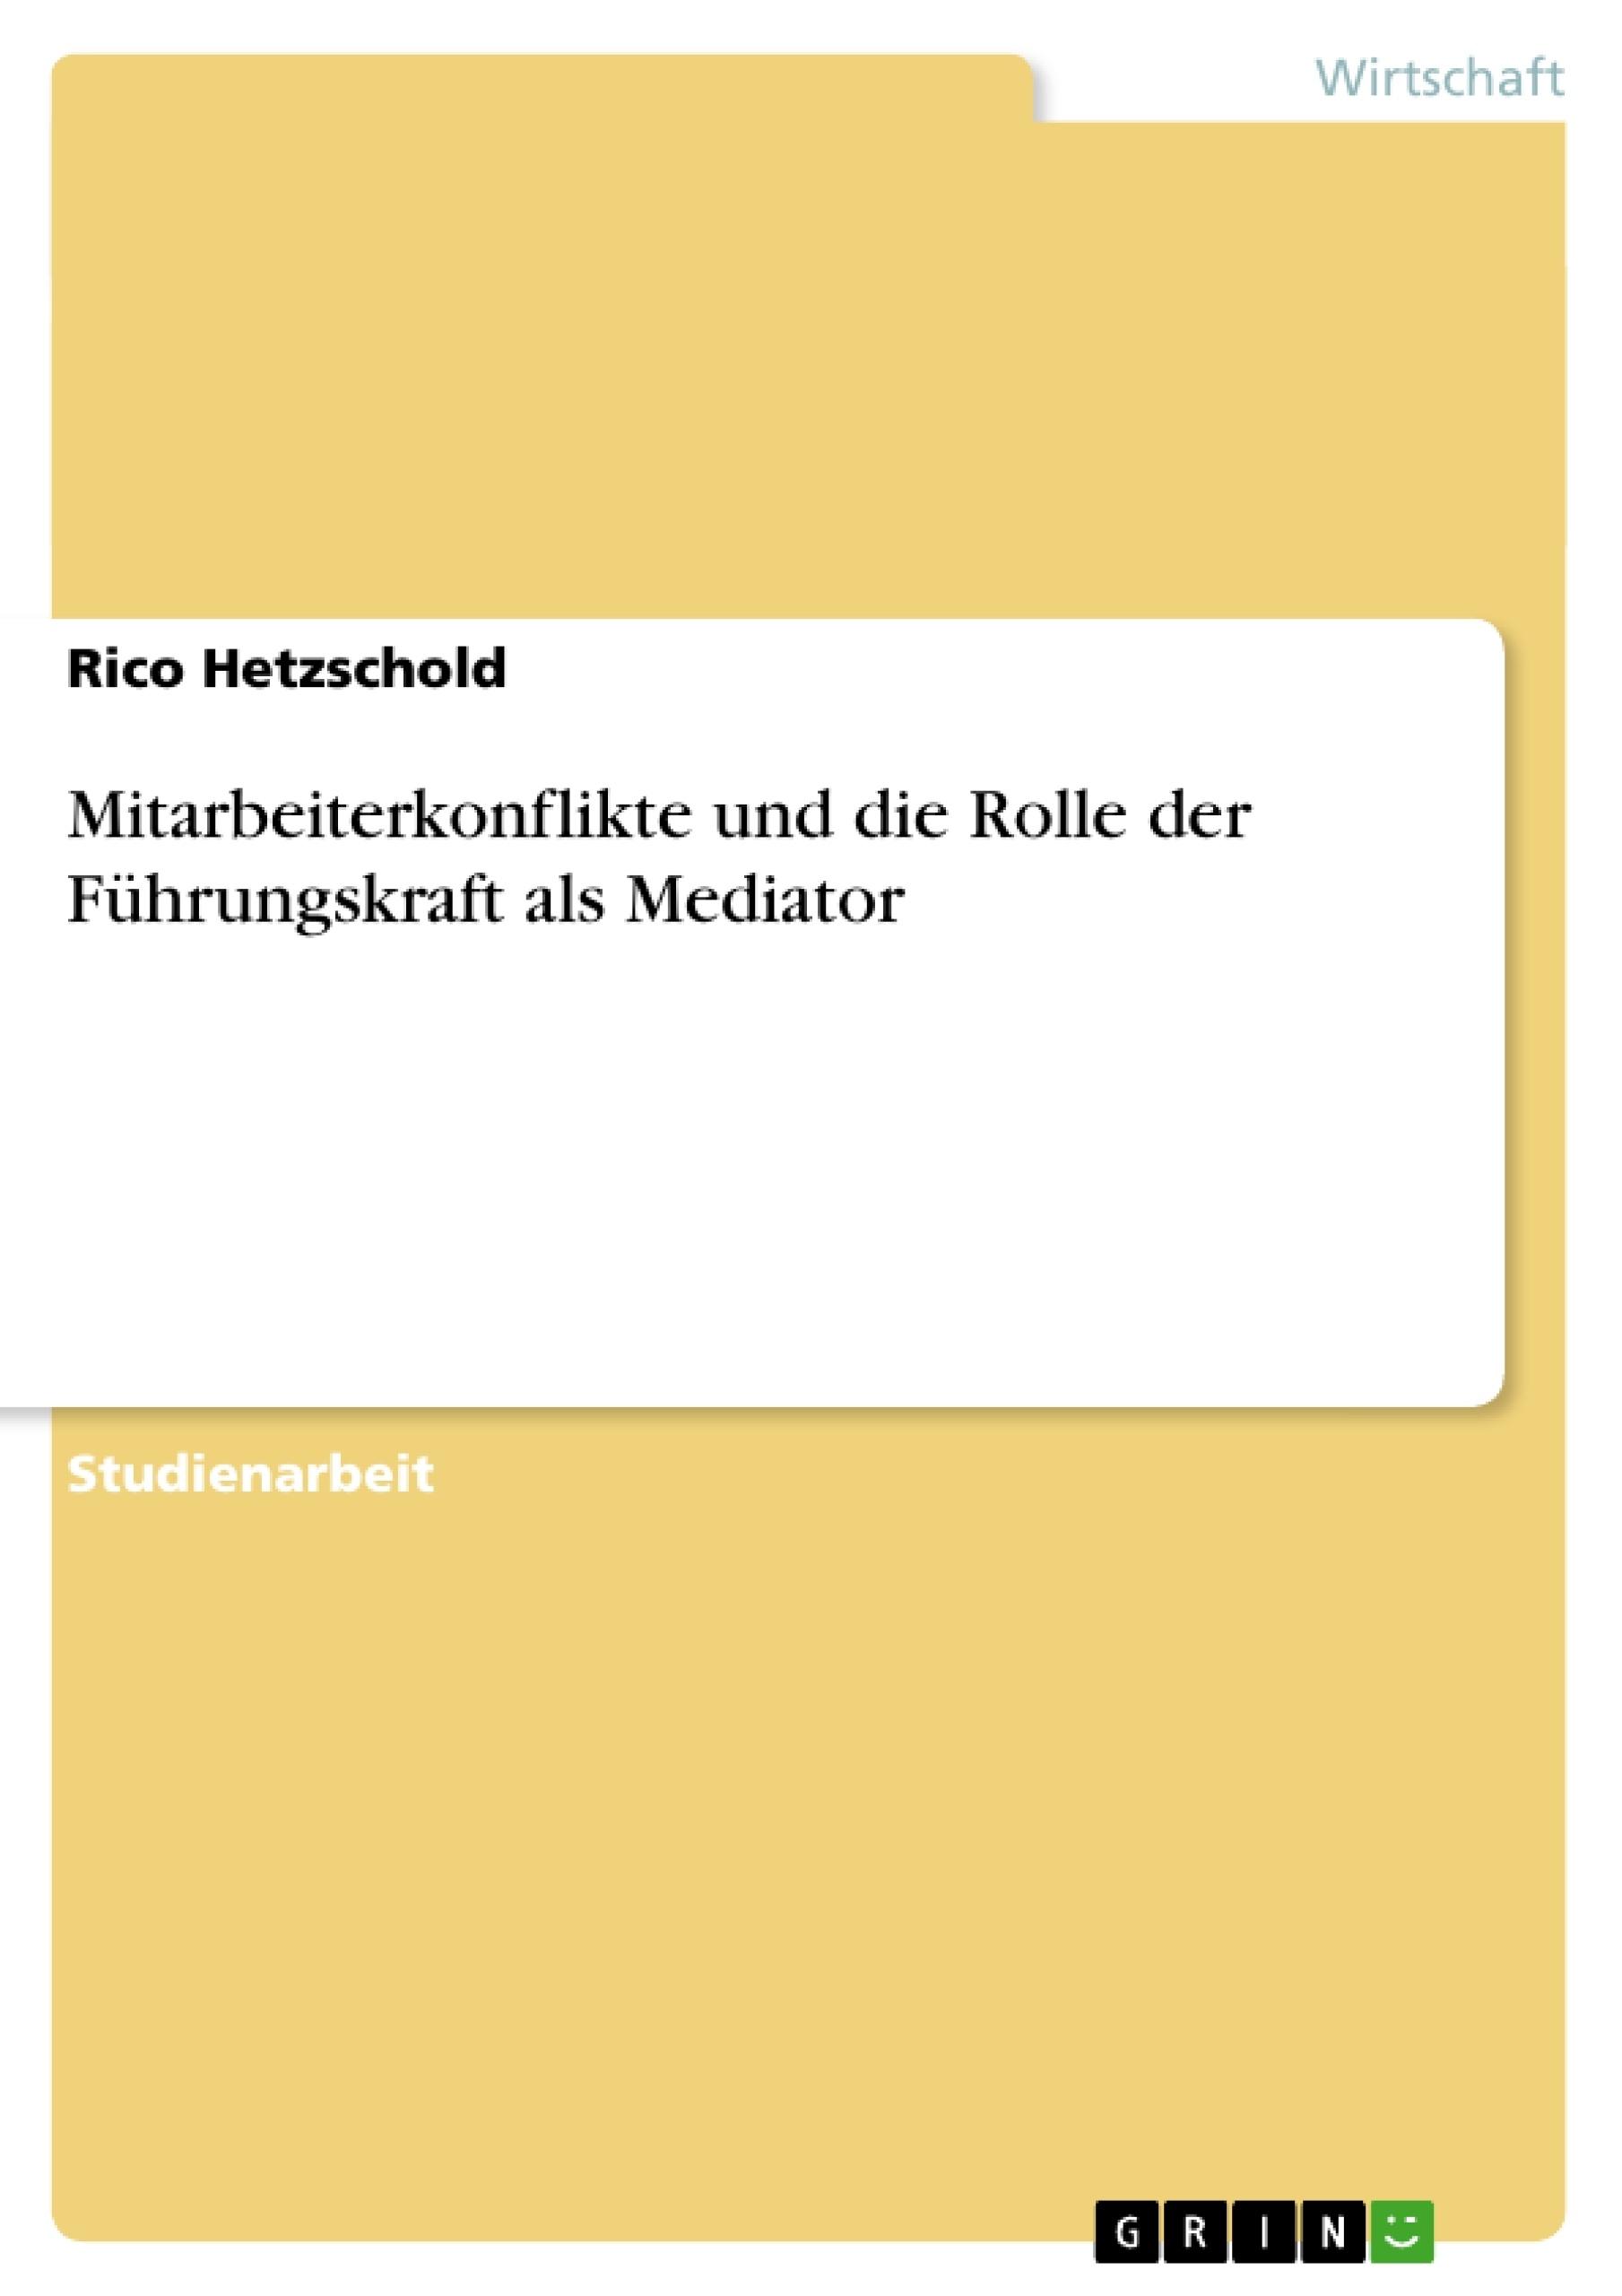 Titel: Mitarbeiterkonflikte und die Rolle der Führungskraft als Mediator